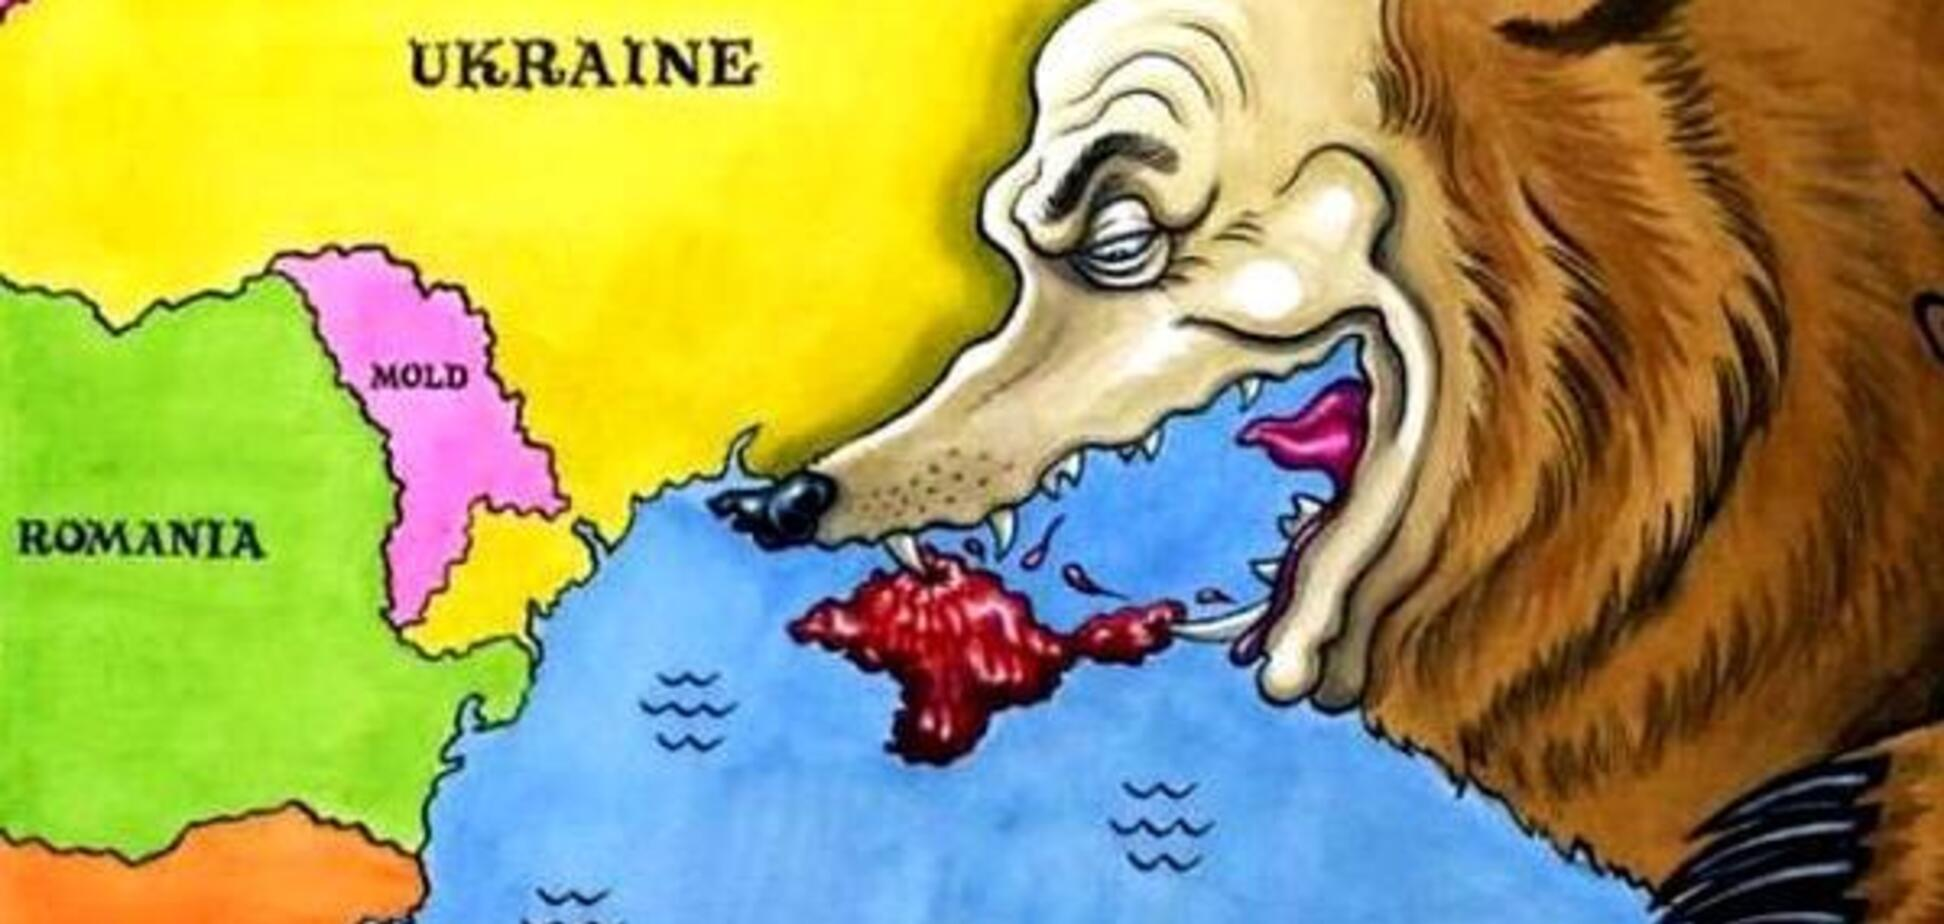 'Вернуть и извиниться': оккупанты заговорили о возврате Крыма Украине